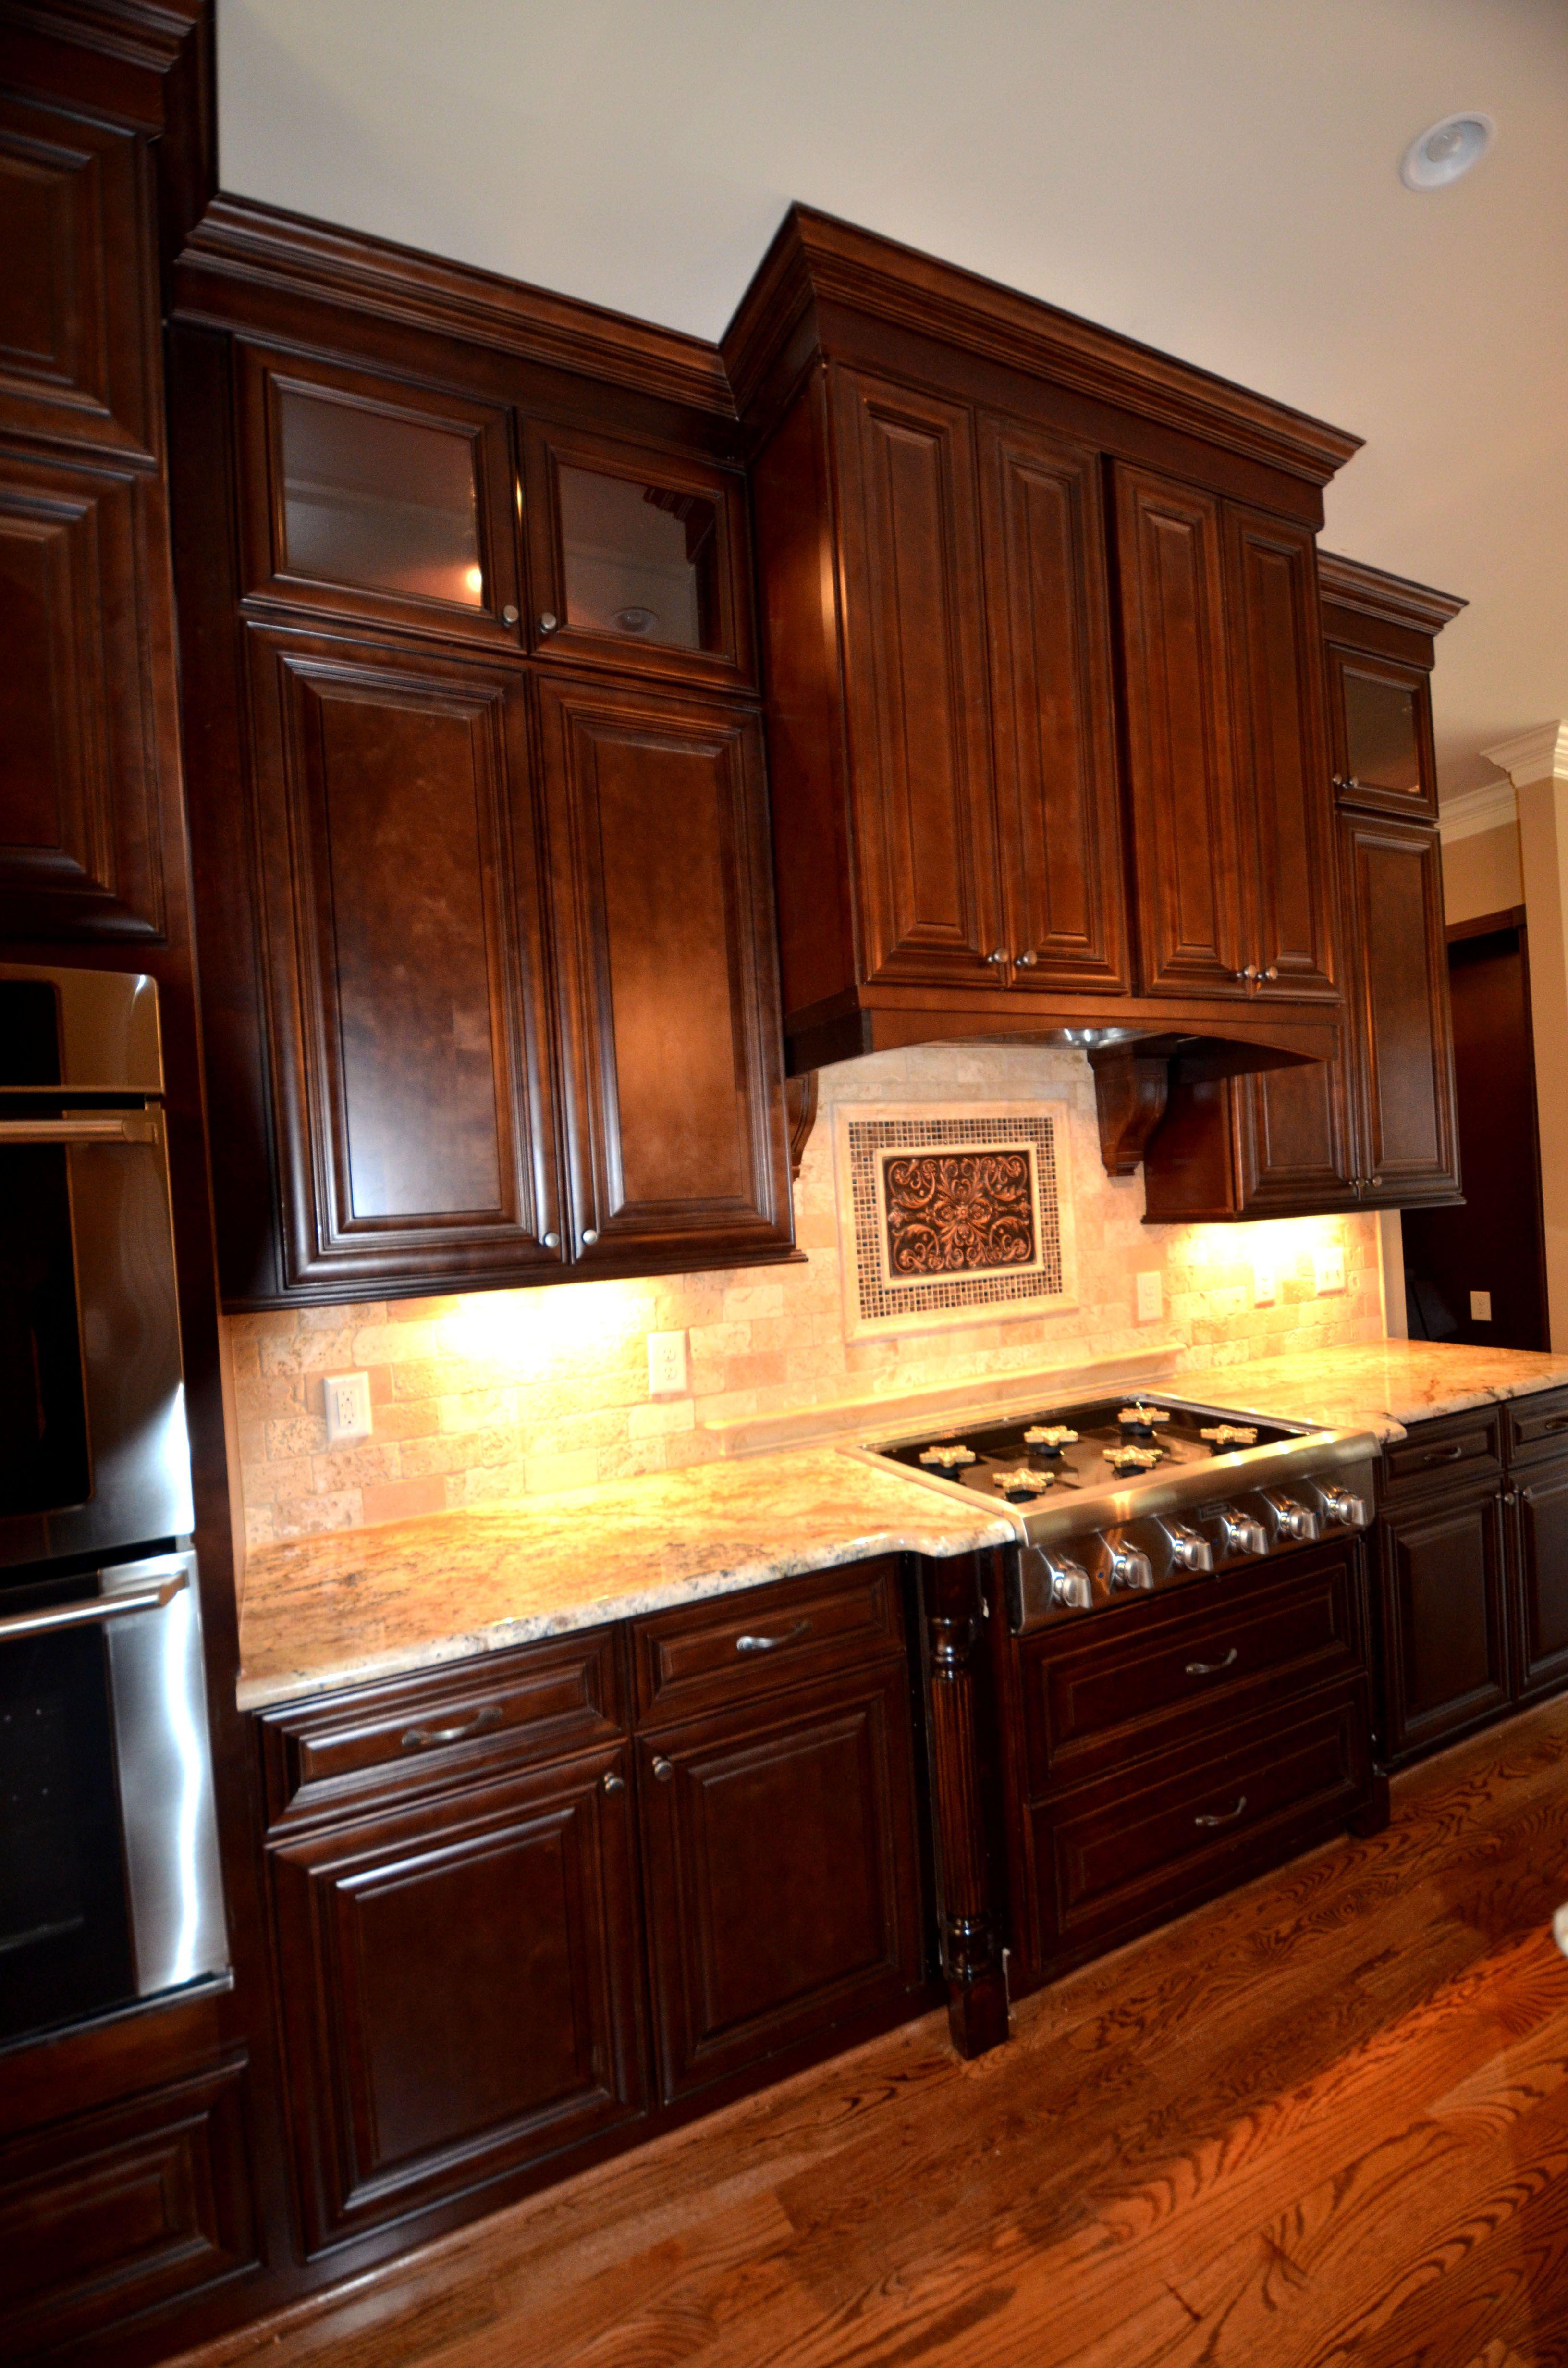 Lily Ann Kitchen Cabinets Stapp Kitchenbutler1 Bristol Chocolate Kitchen Lily Ann Cabinets